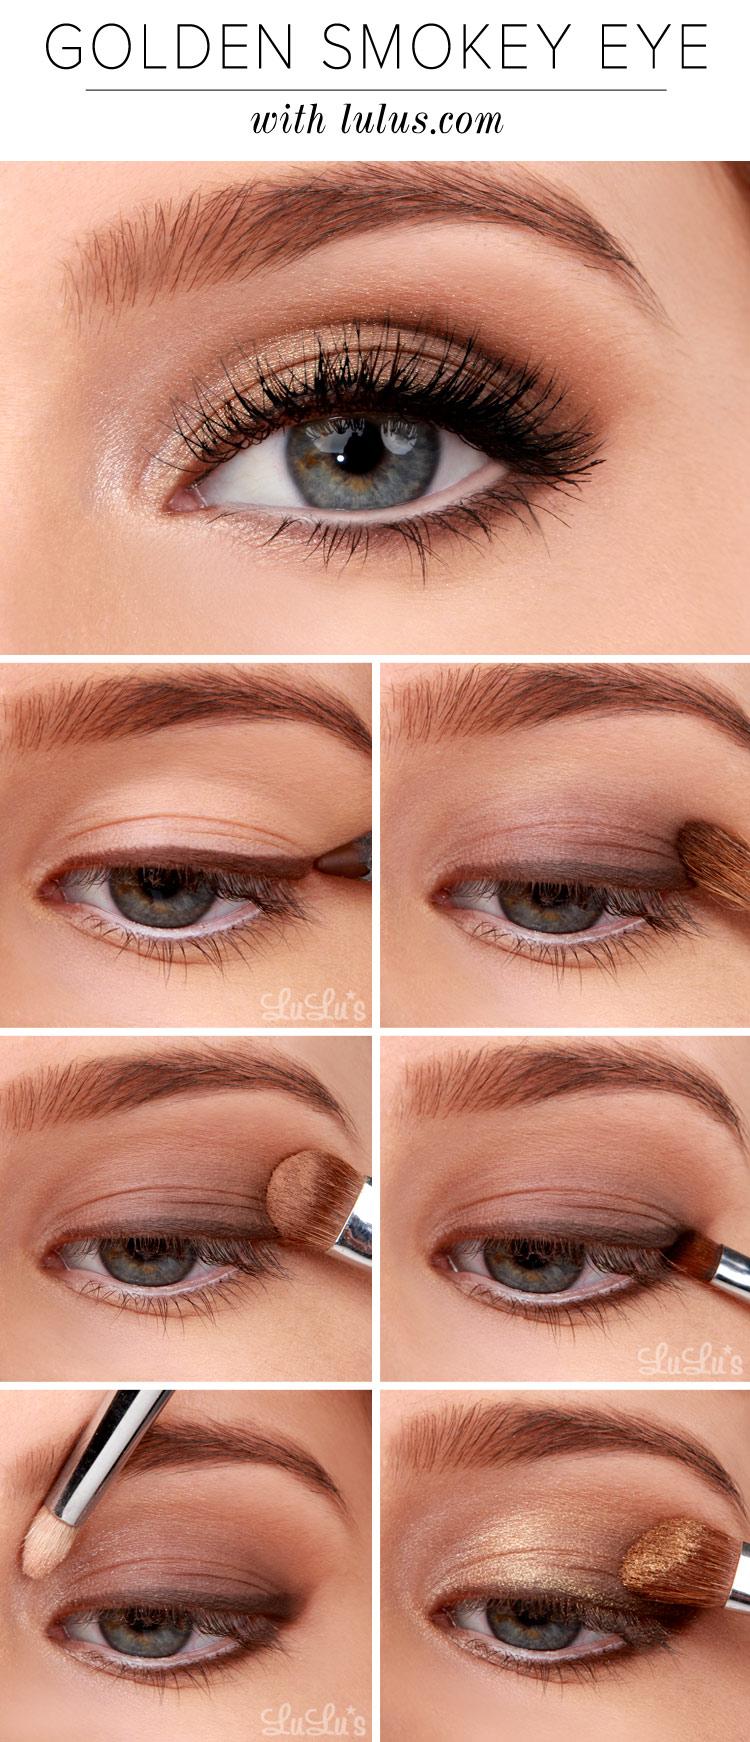 Smokey Eyes Tutorials12